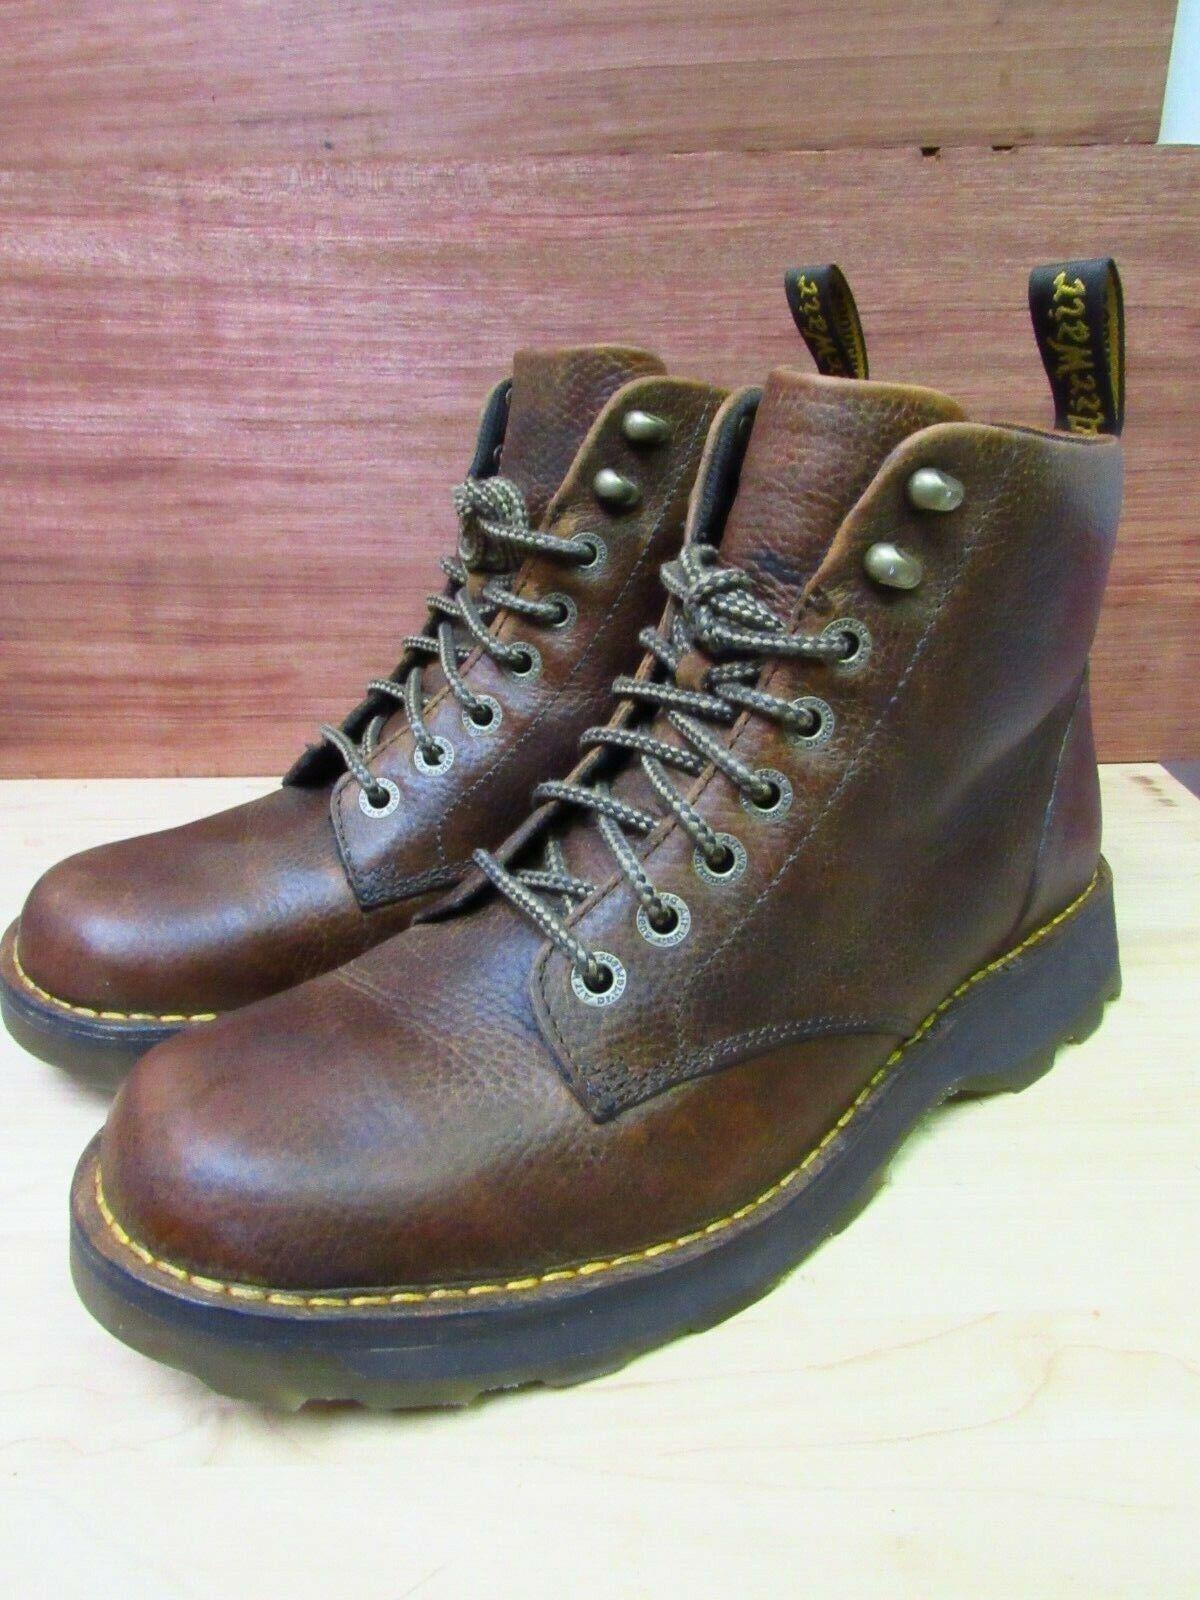 Dr. Martens Air Ware Herren braun Pebble Leather Hiking Stiefel USA Größe 12